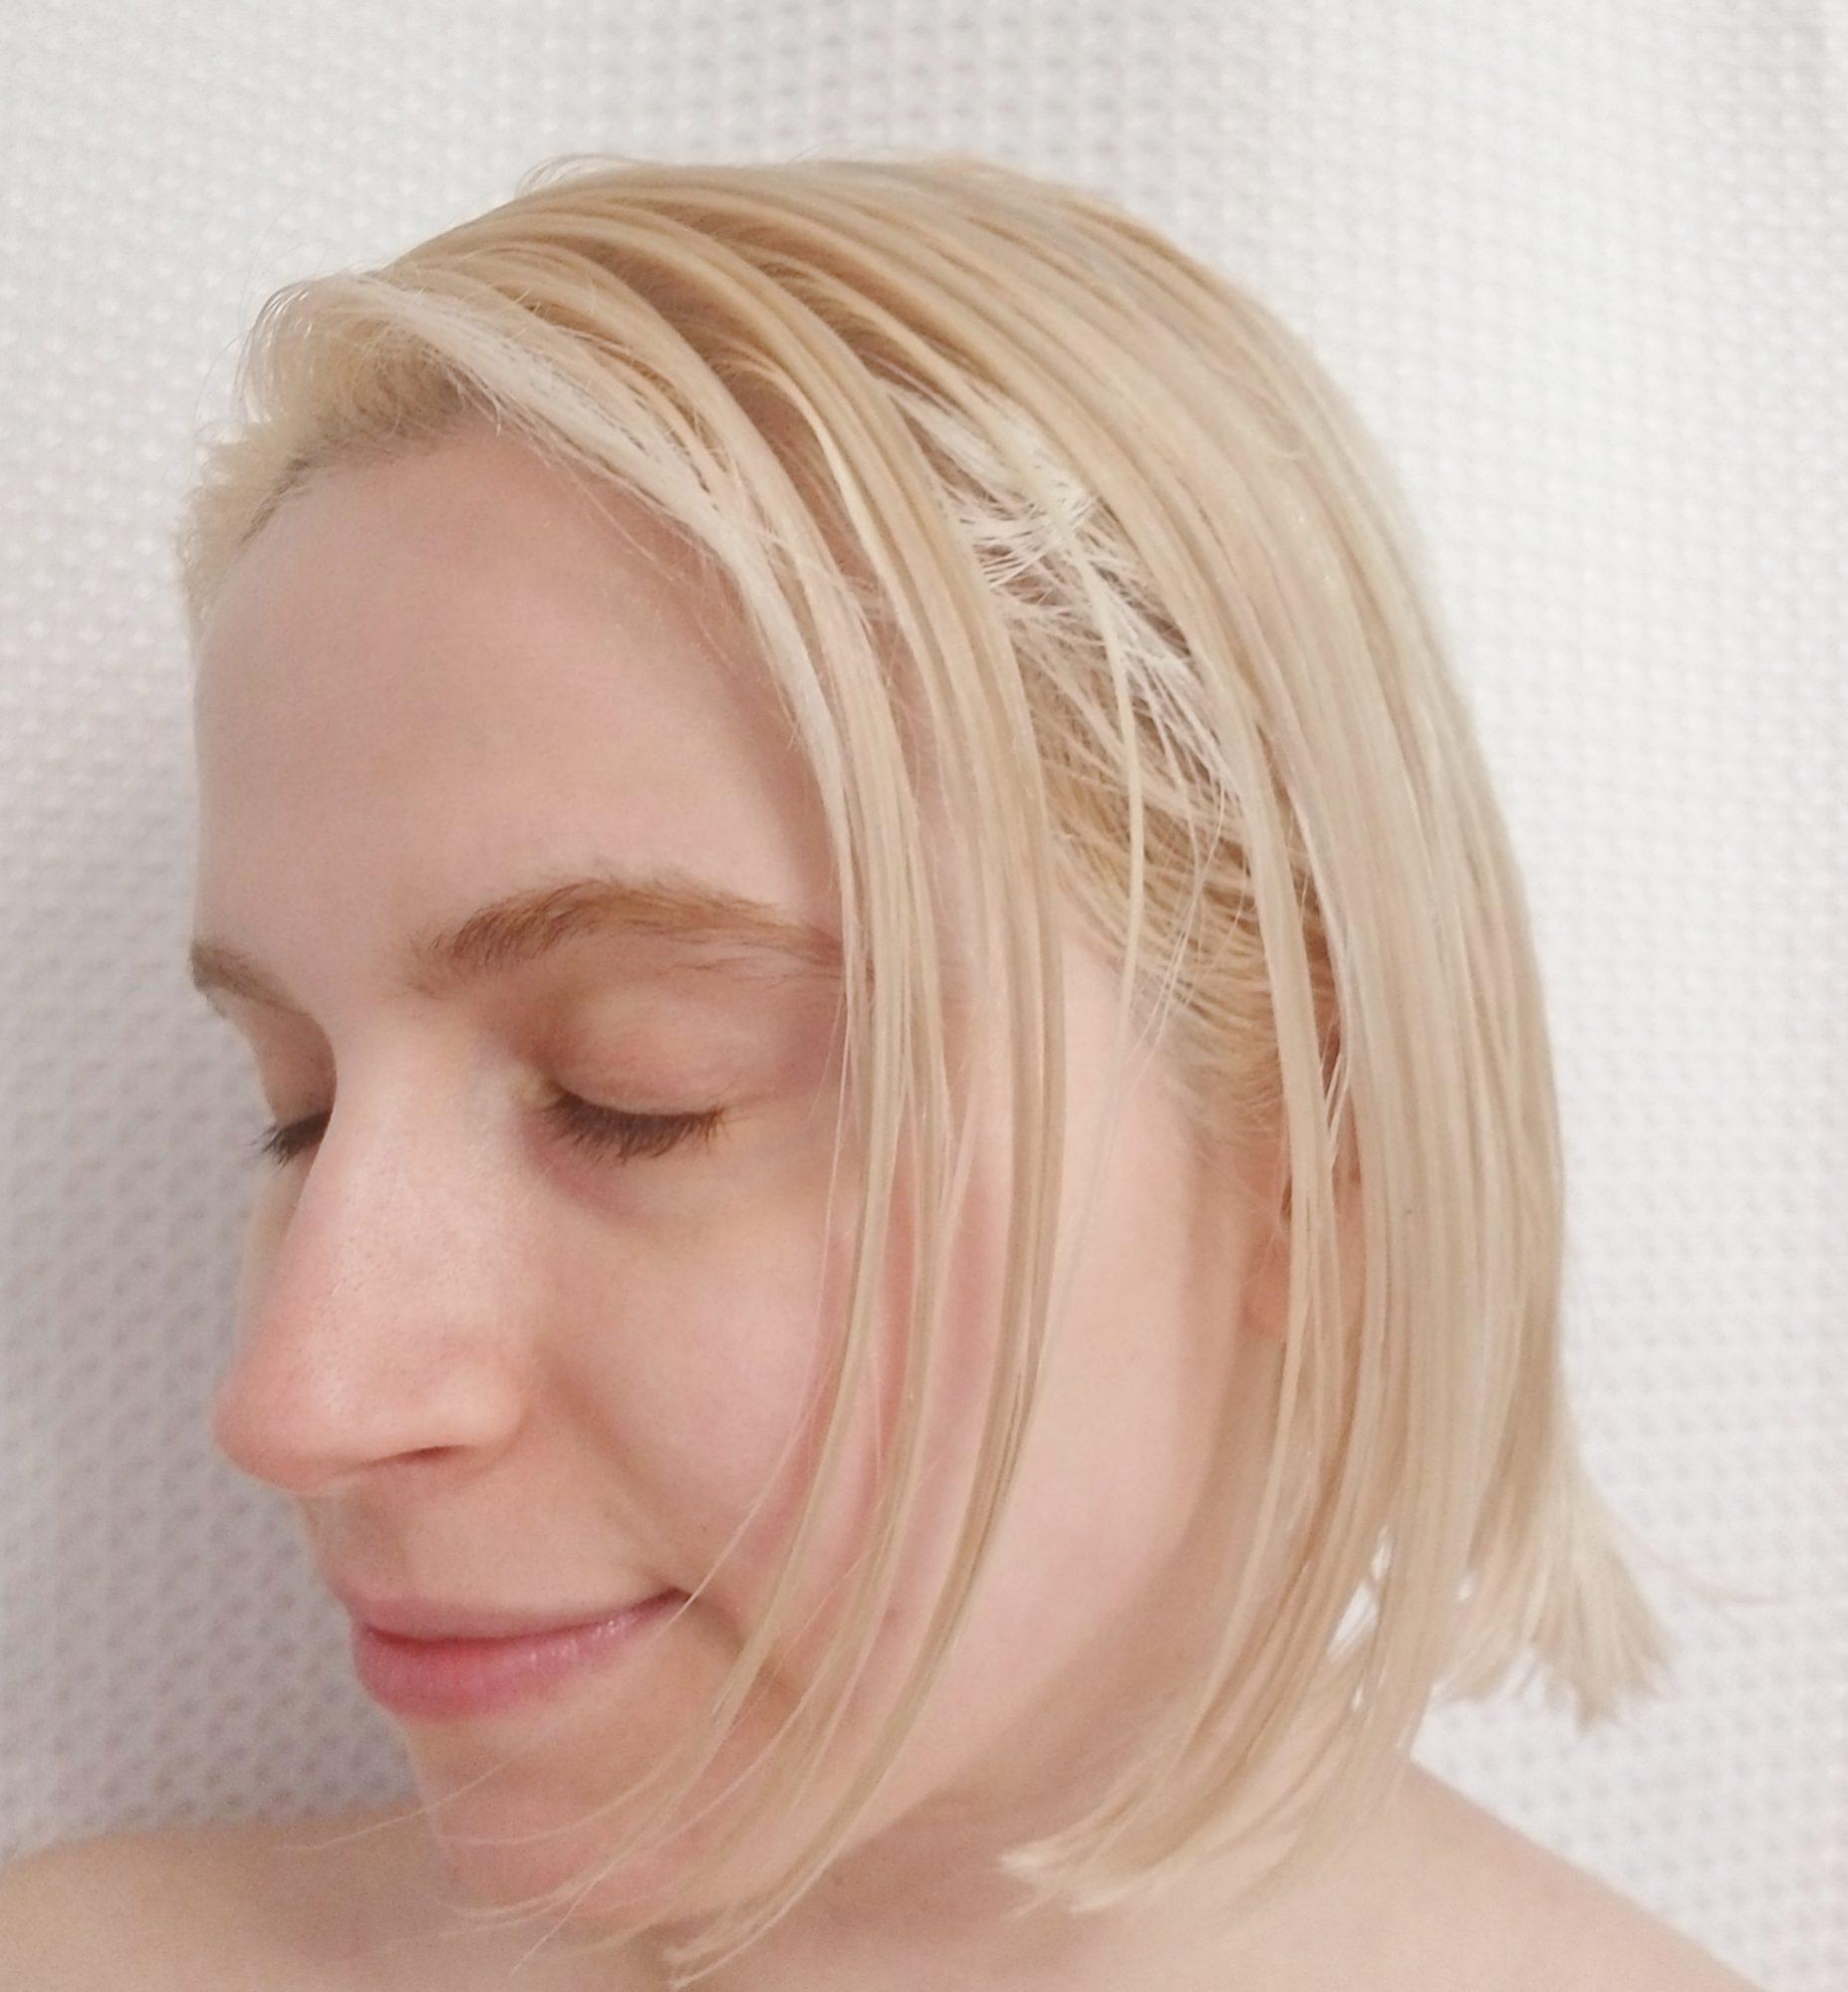 coconut-oil-hair-treatment-on-hair.jpg